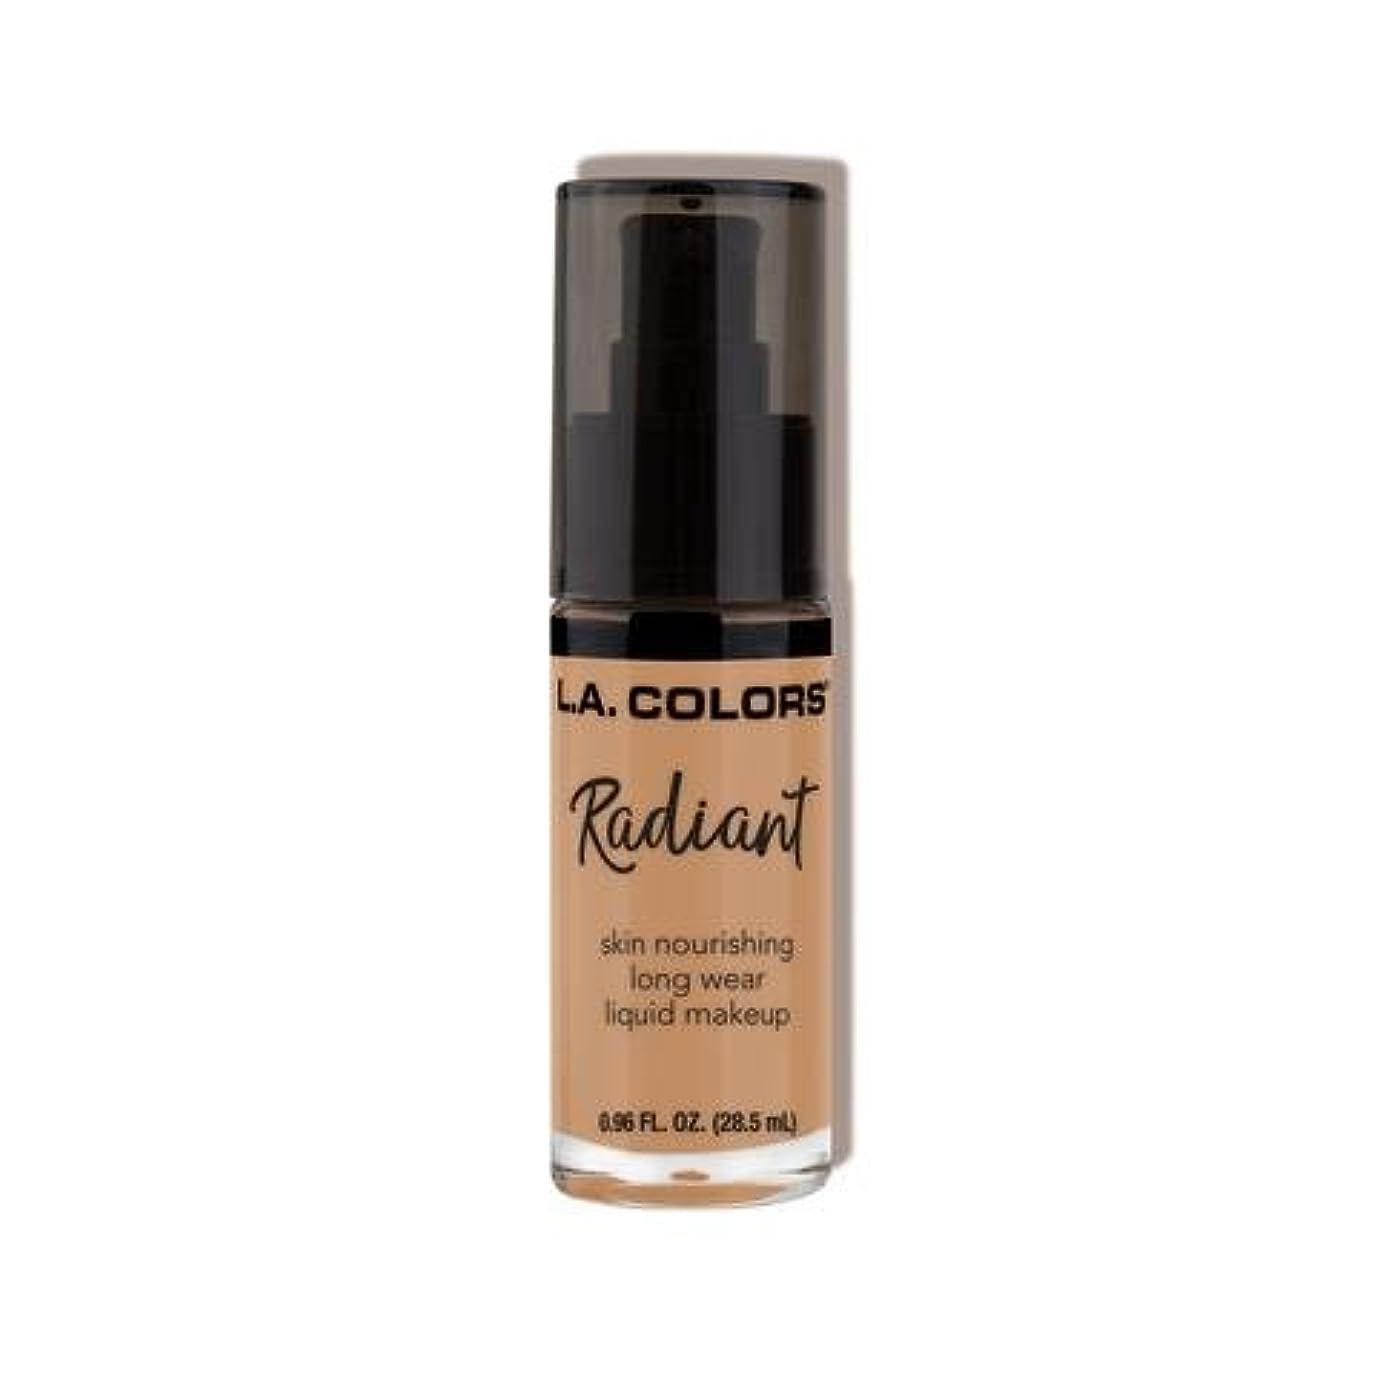 邪悪なダース残酷(3 Pack) L.A. COLORS Radiant Liquid Makeup - Suede (並行輸入品)